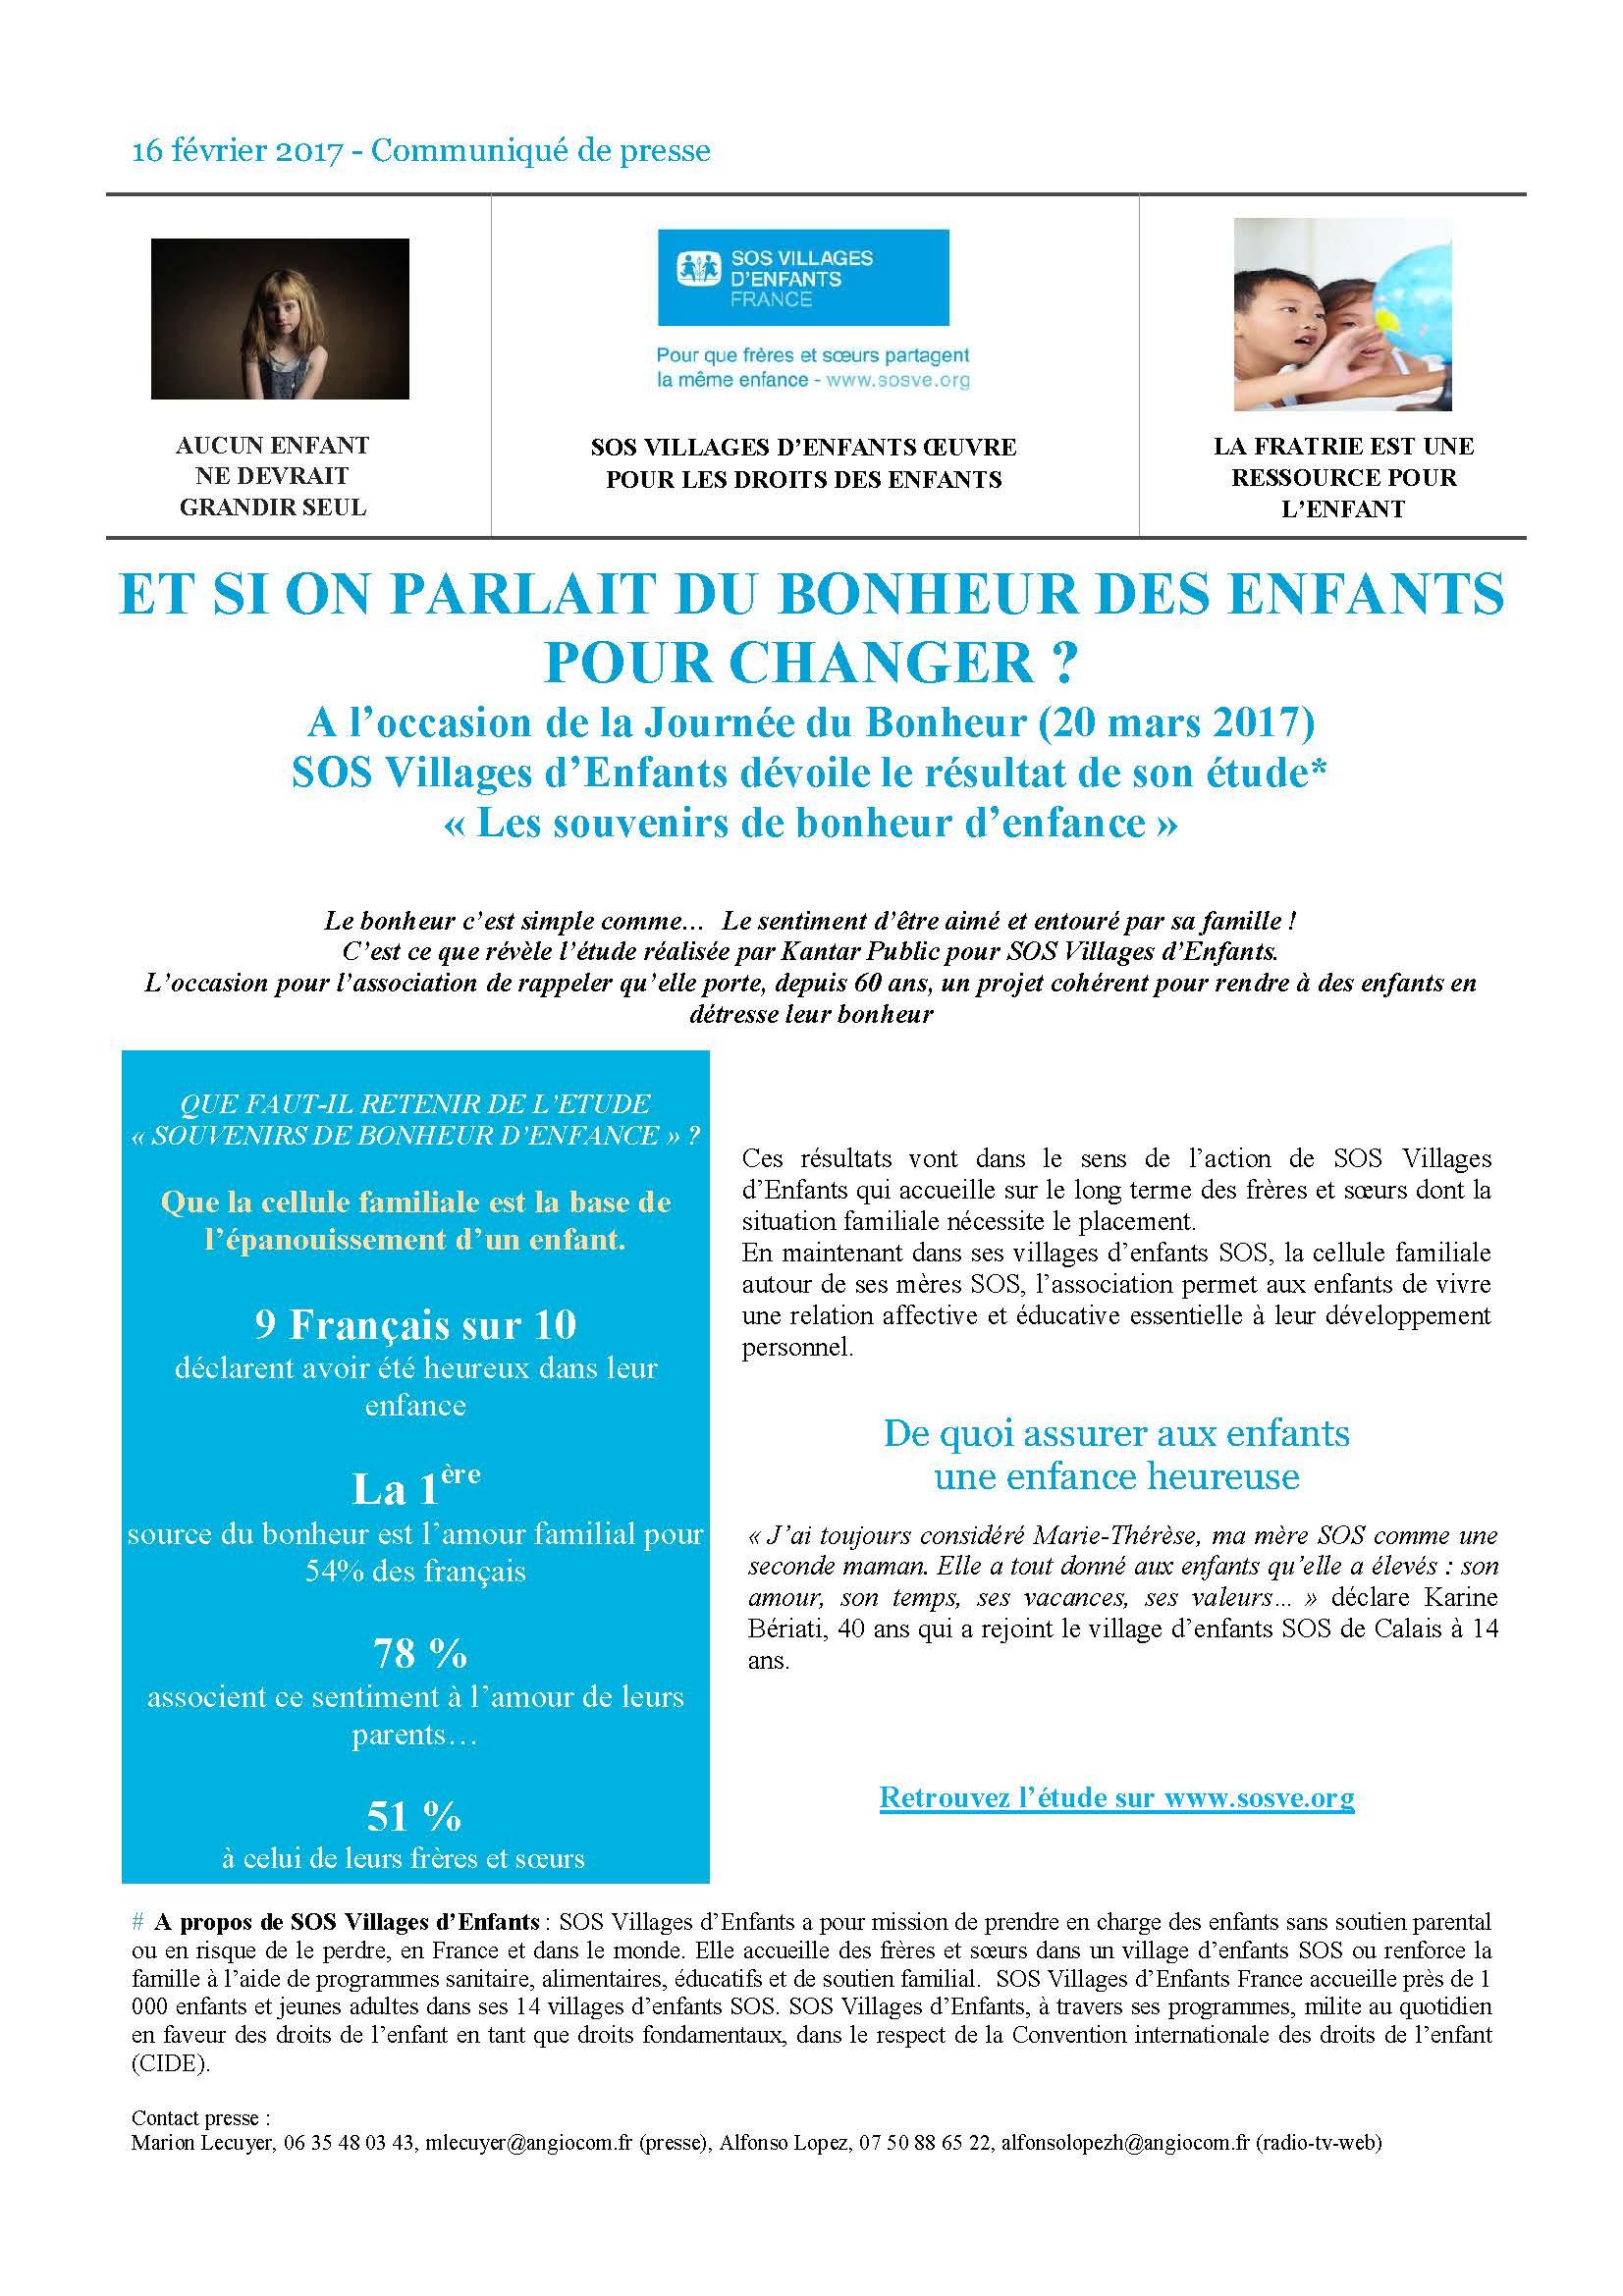 CP journée du bonheur / SOS Villages d'Enfants